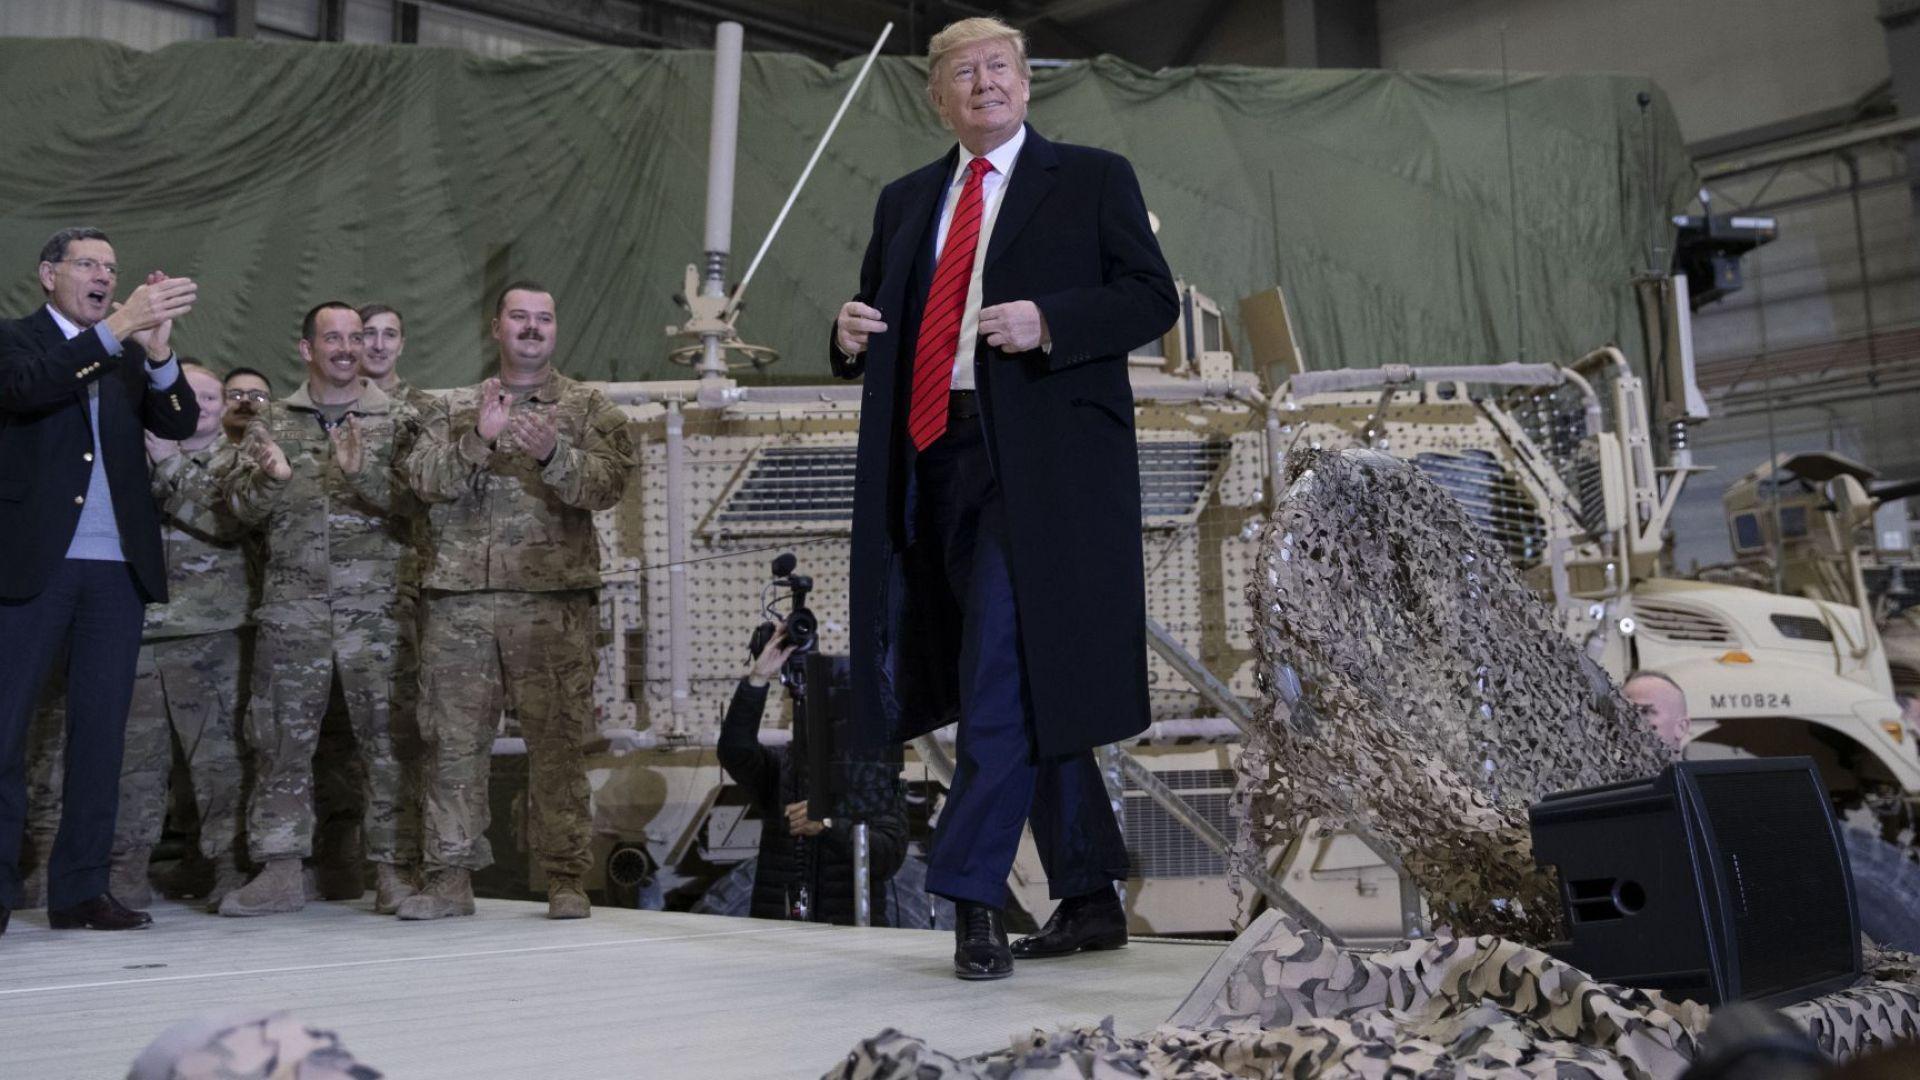 Тръмп посети изненадващо американските войници в Афганистан (снимки, видео)